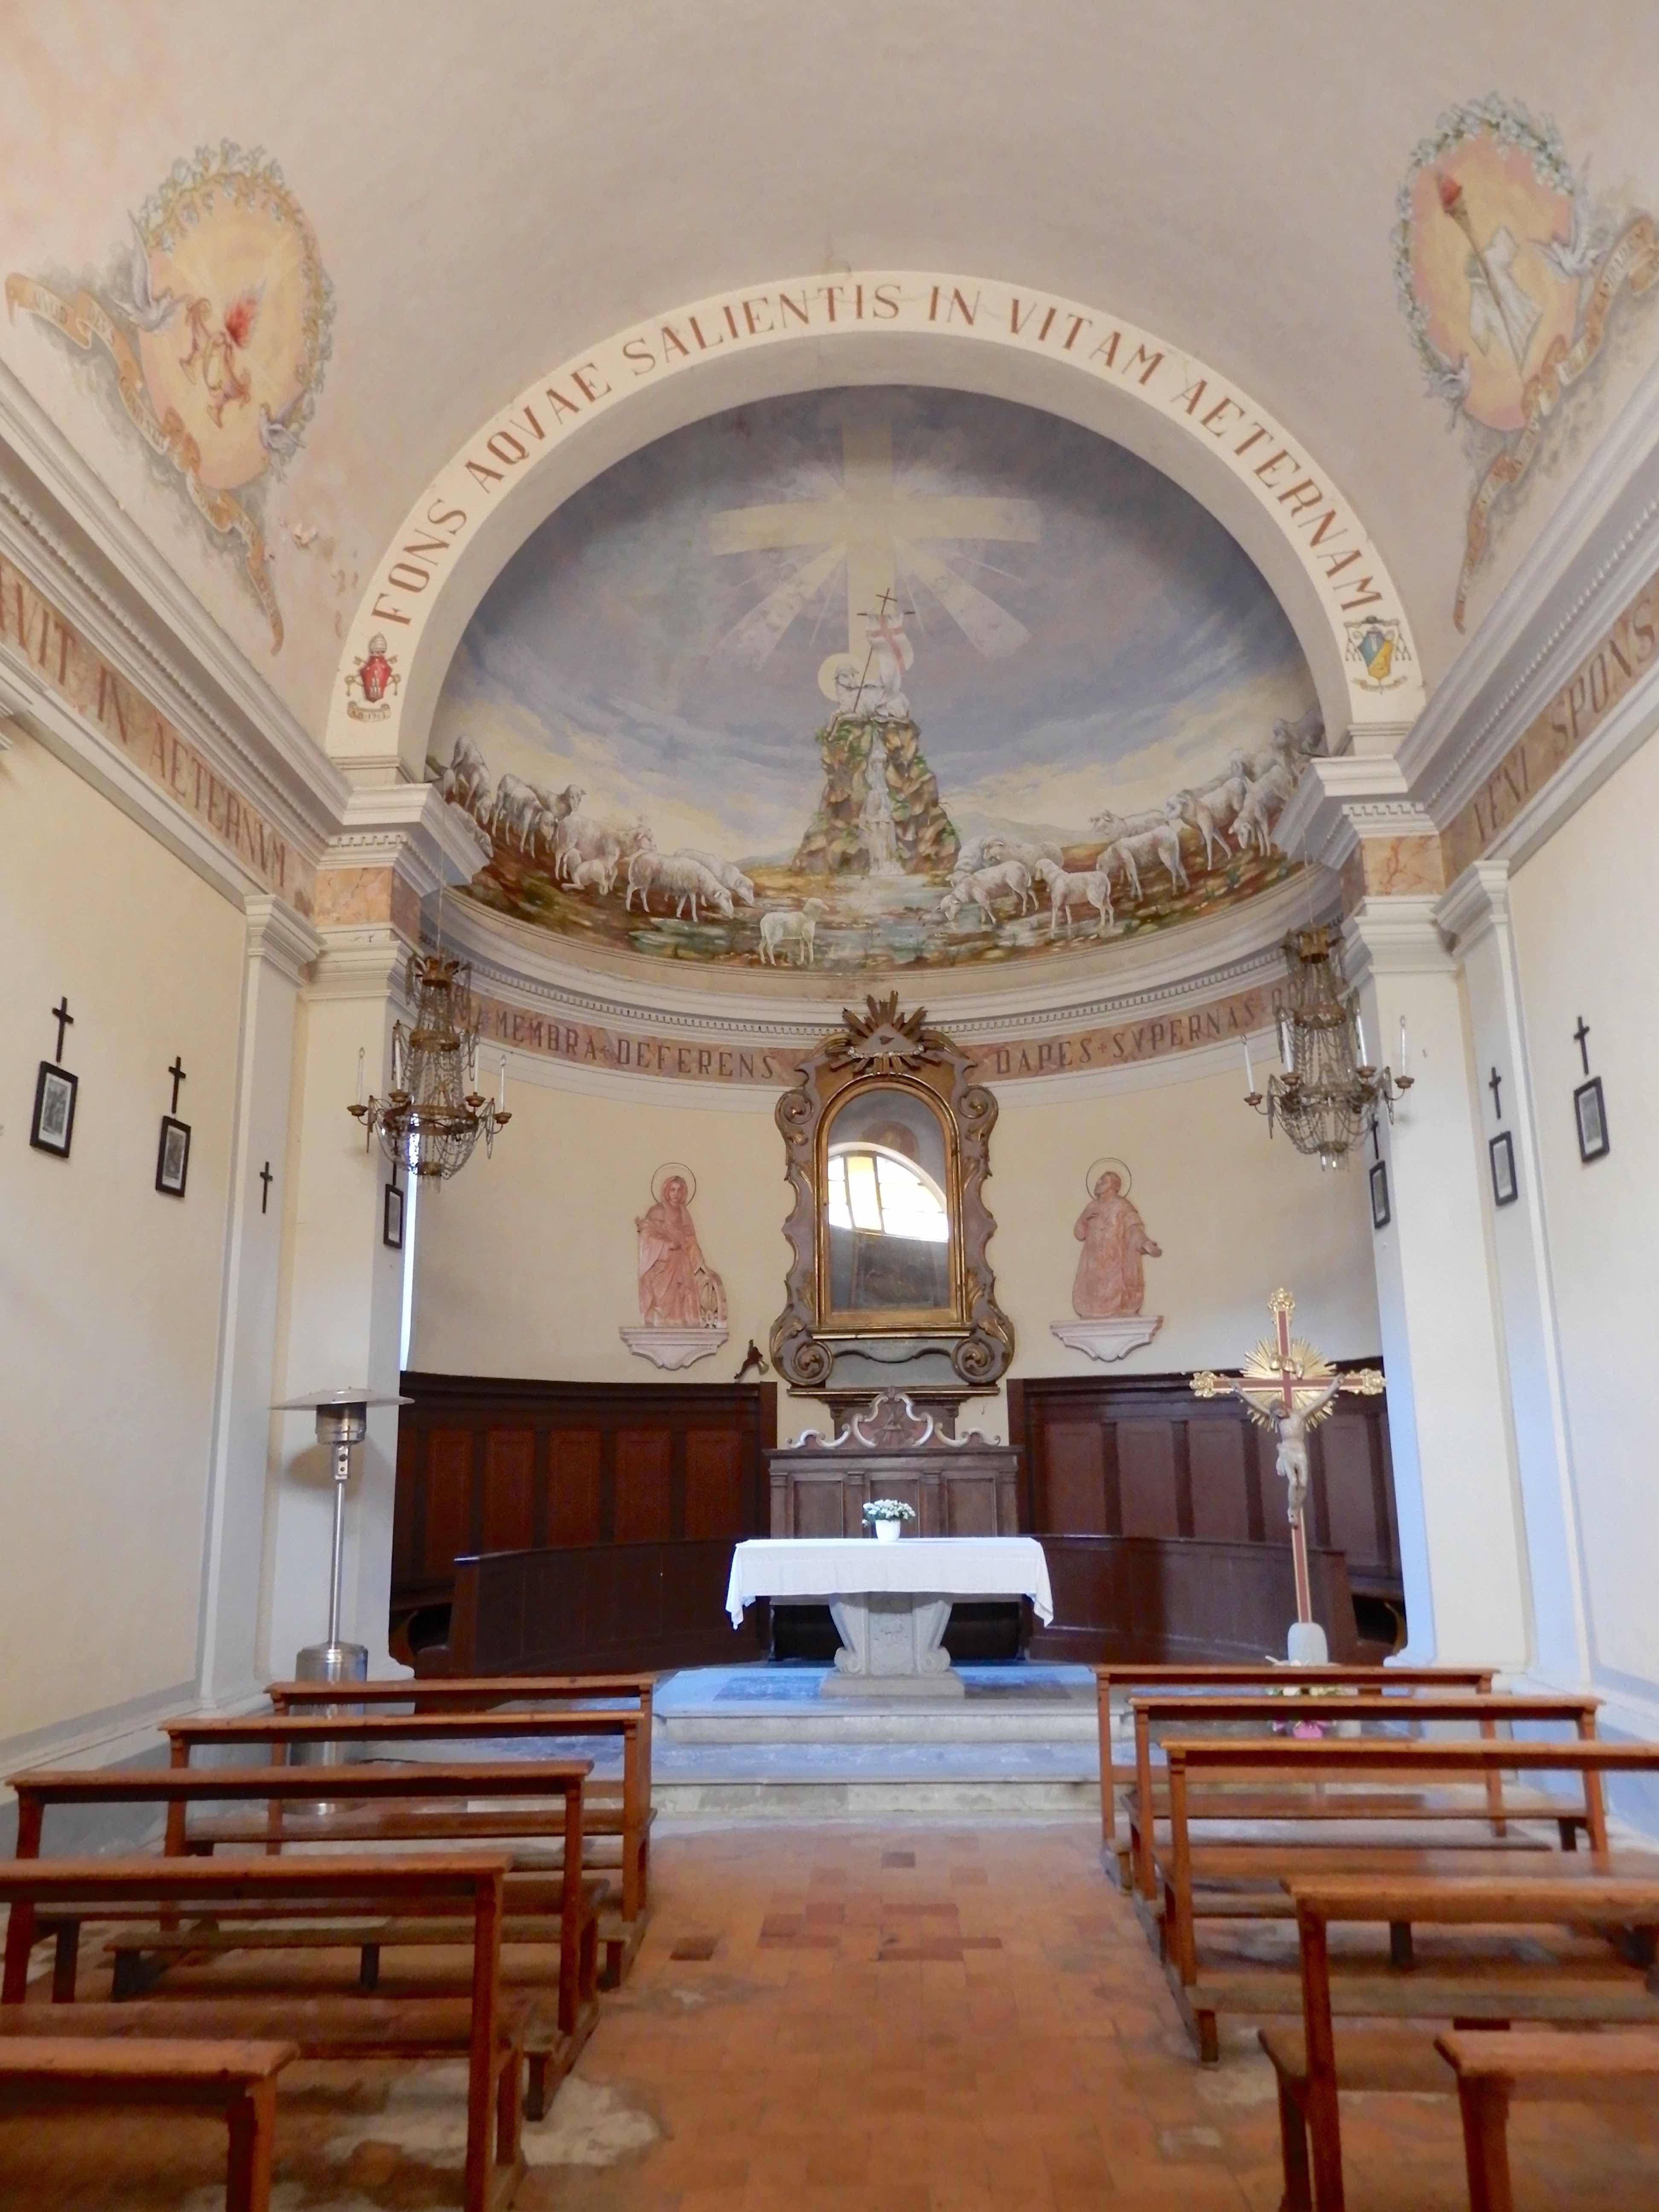 12.Chiesa dei Santi Antonio e Caterina